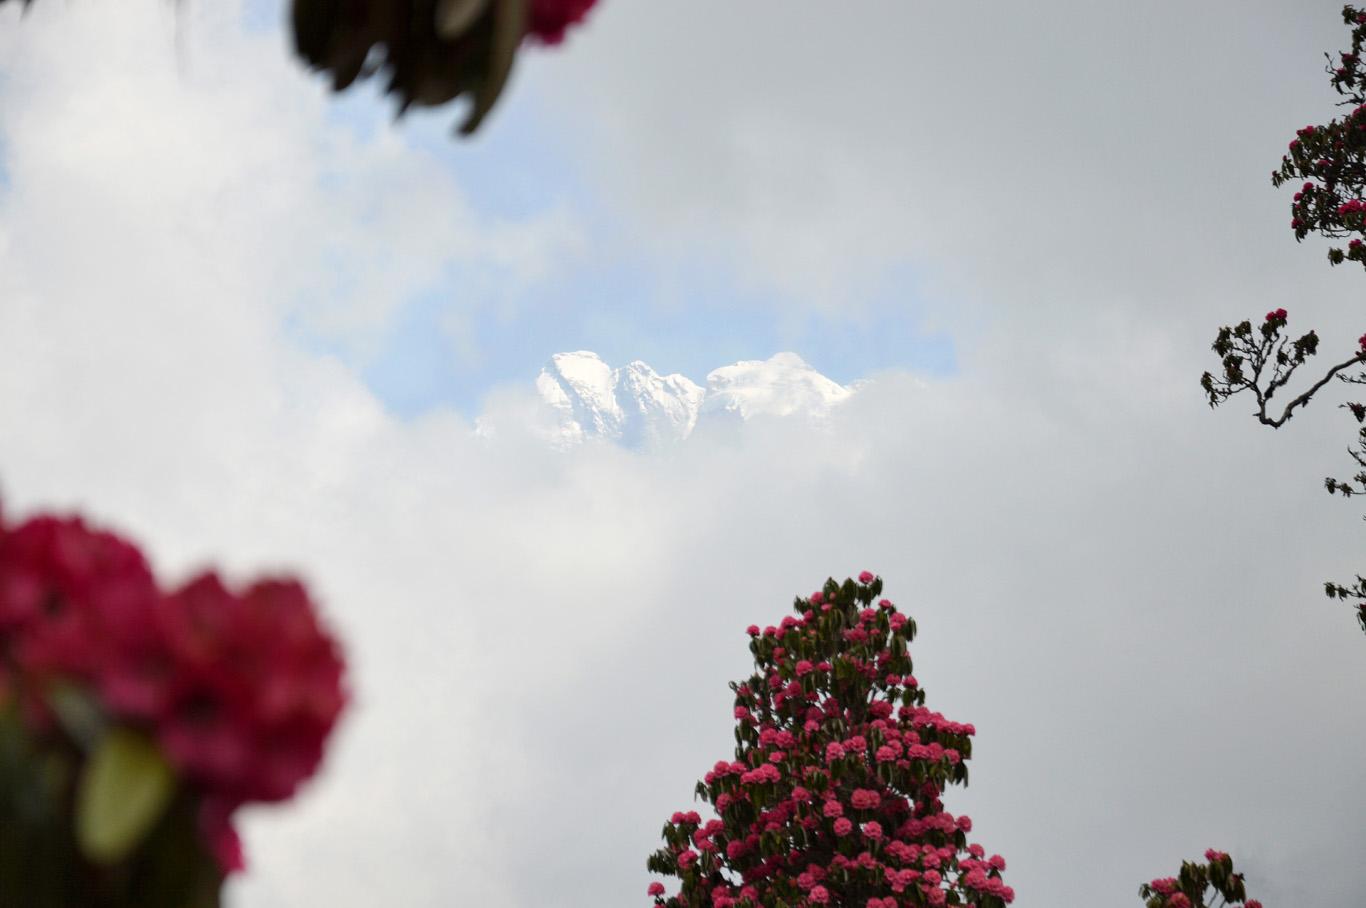 Leaving Ghorepani - it's getting cloudy again